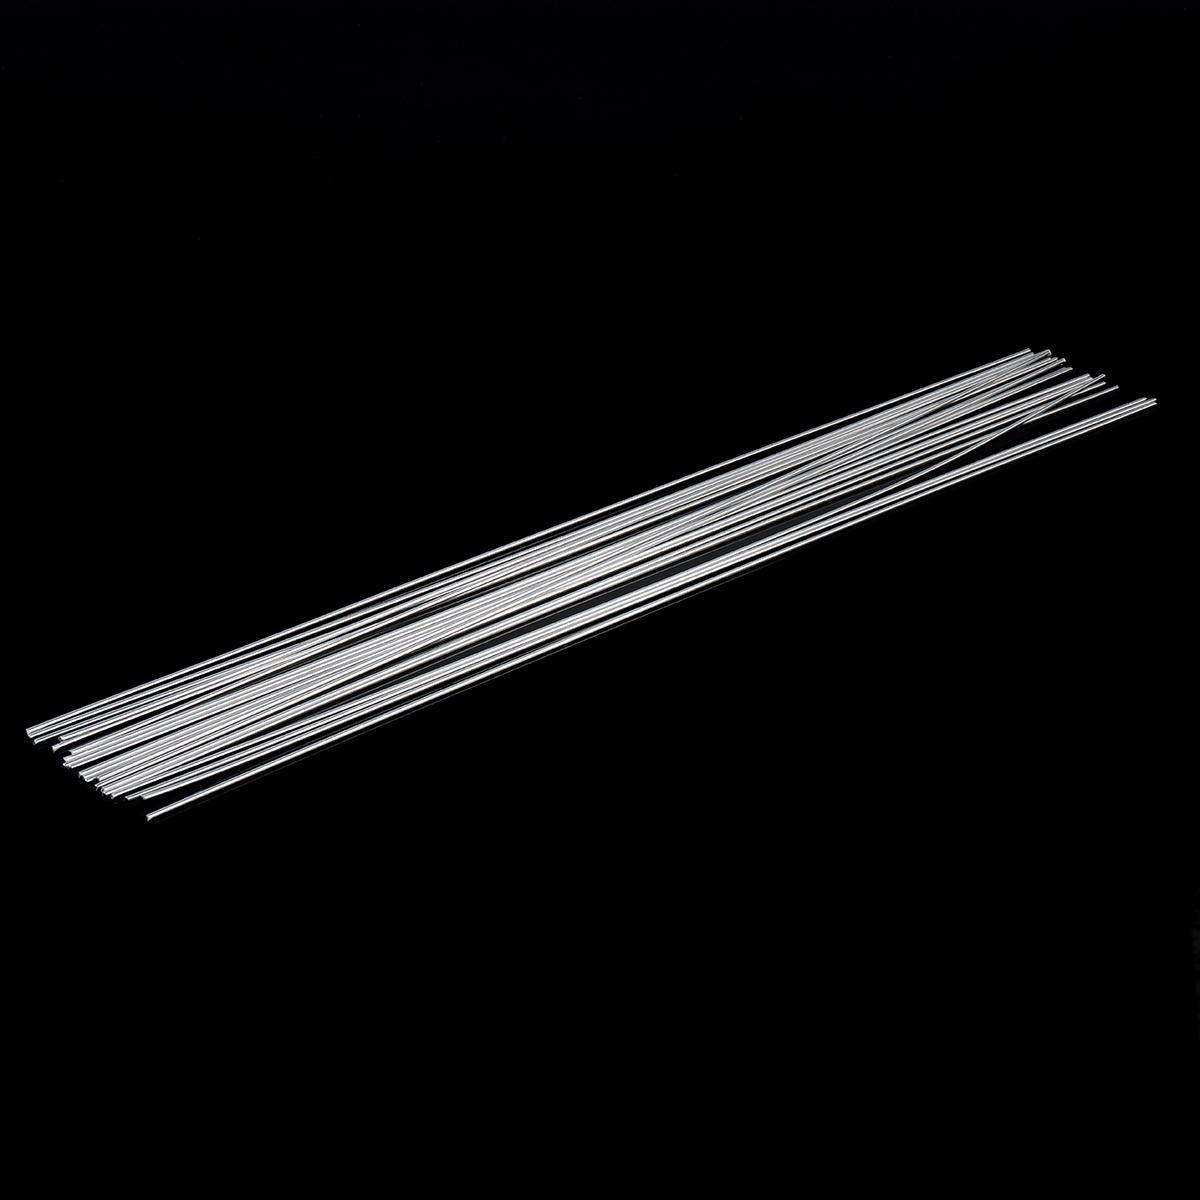 20pcs ER1100 Low Temperature Aluminum Welding Solder Wire Brazing Repair Rods